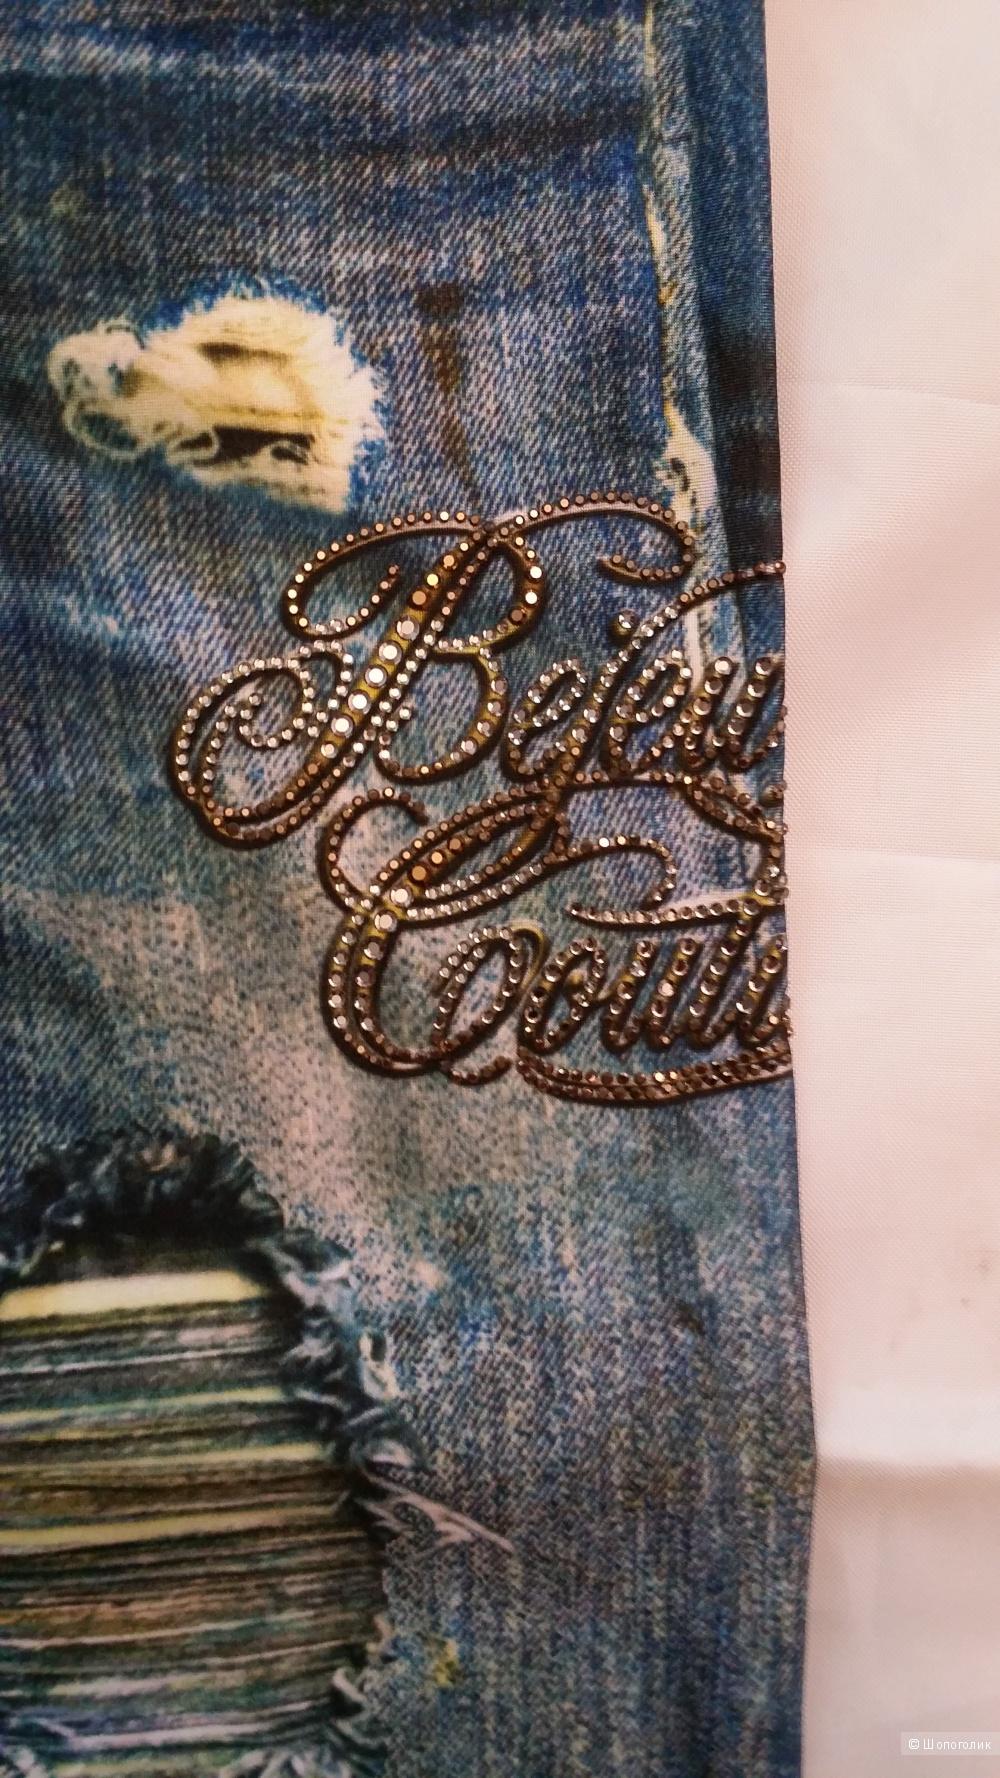 Леггинсы Bejeweled Leggins размер L (46 -48 размер) made in USA, под винтажные джинсы